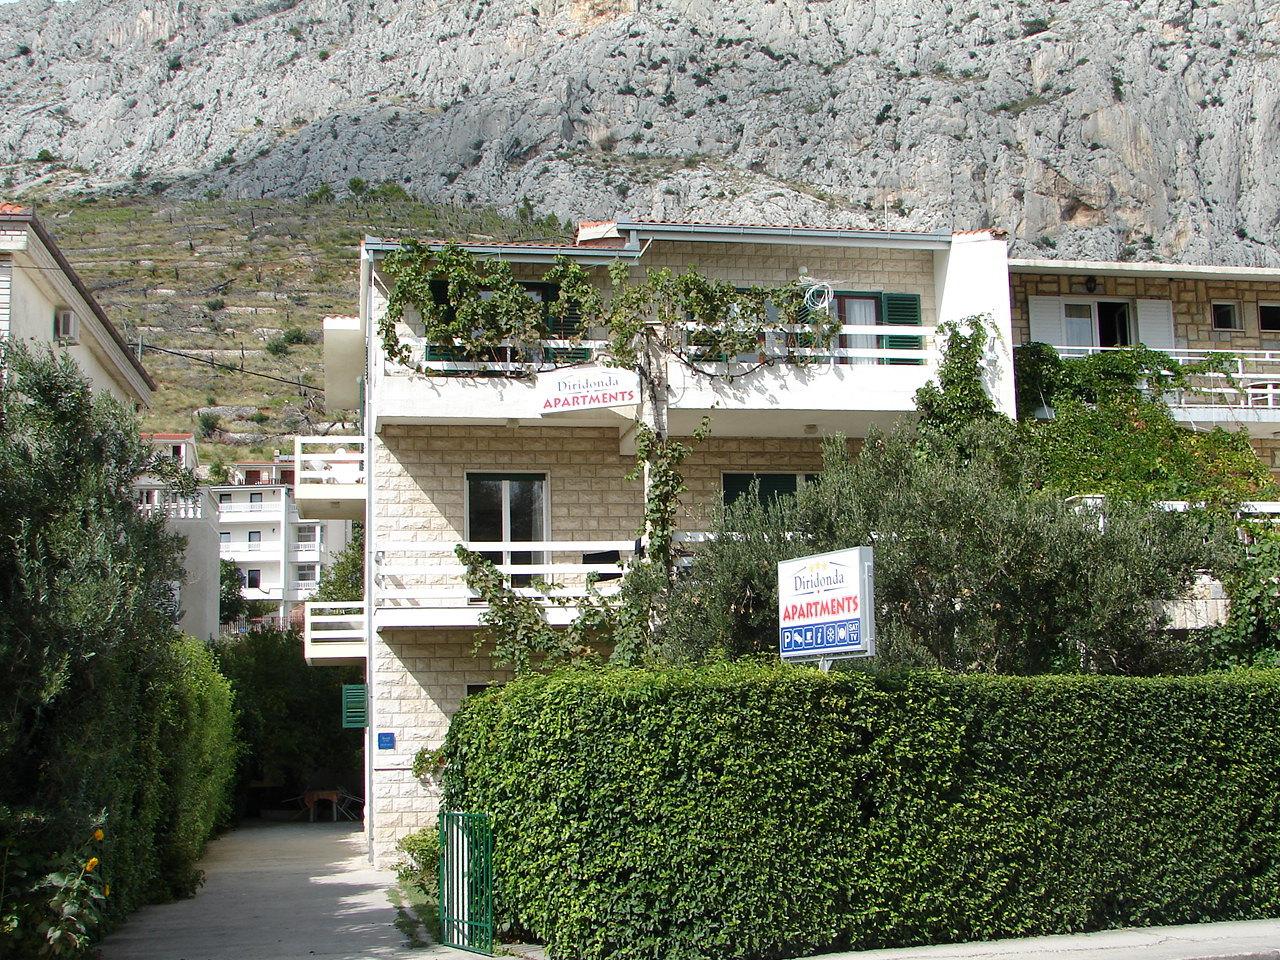 00309DUCE - Duce - Appartamenti Croazia